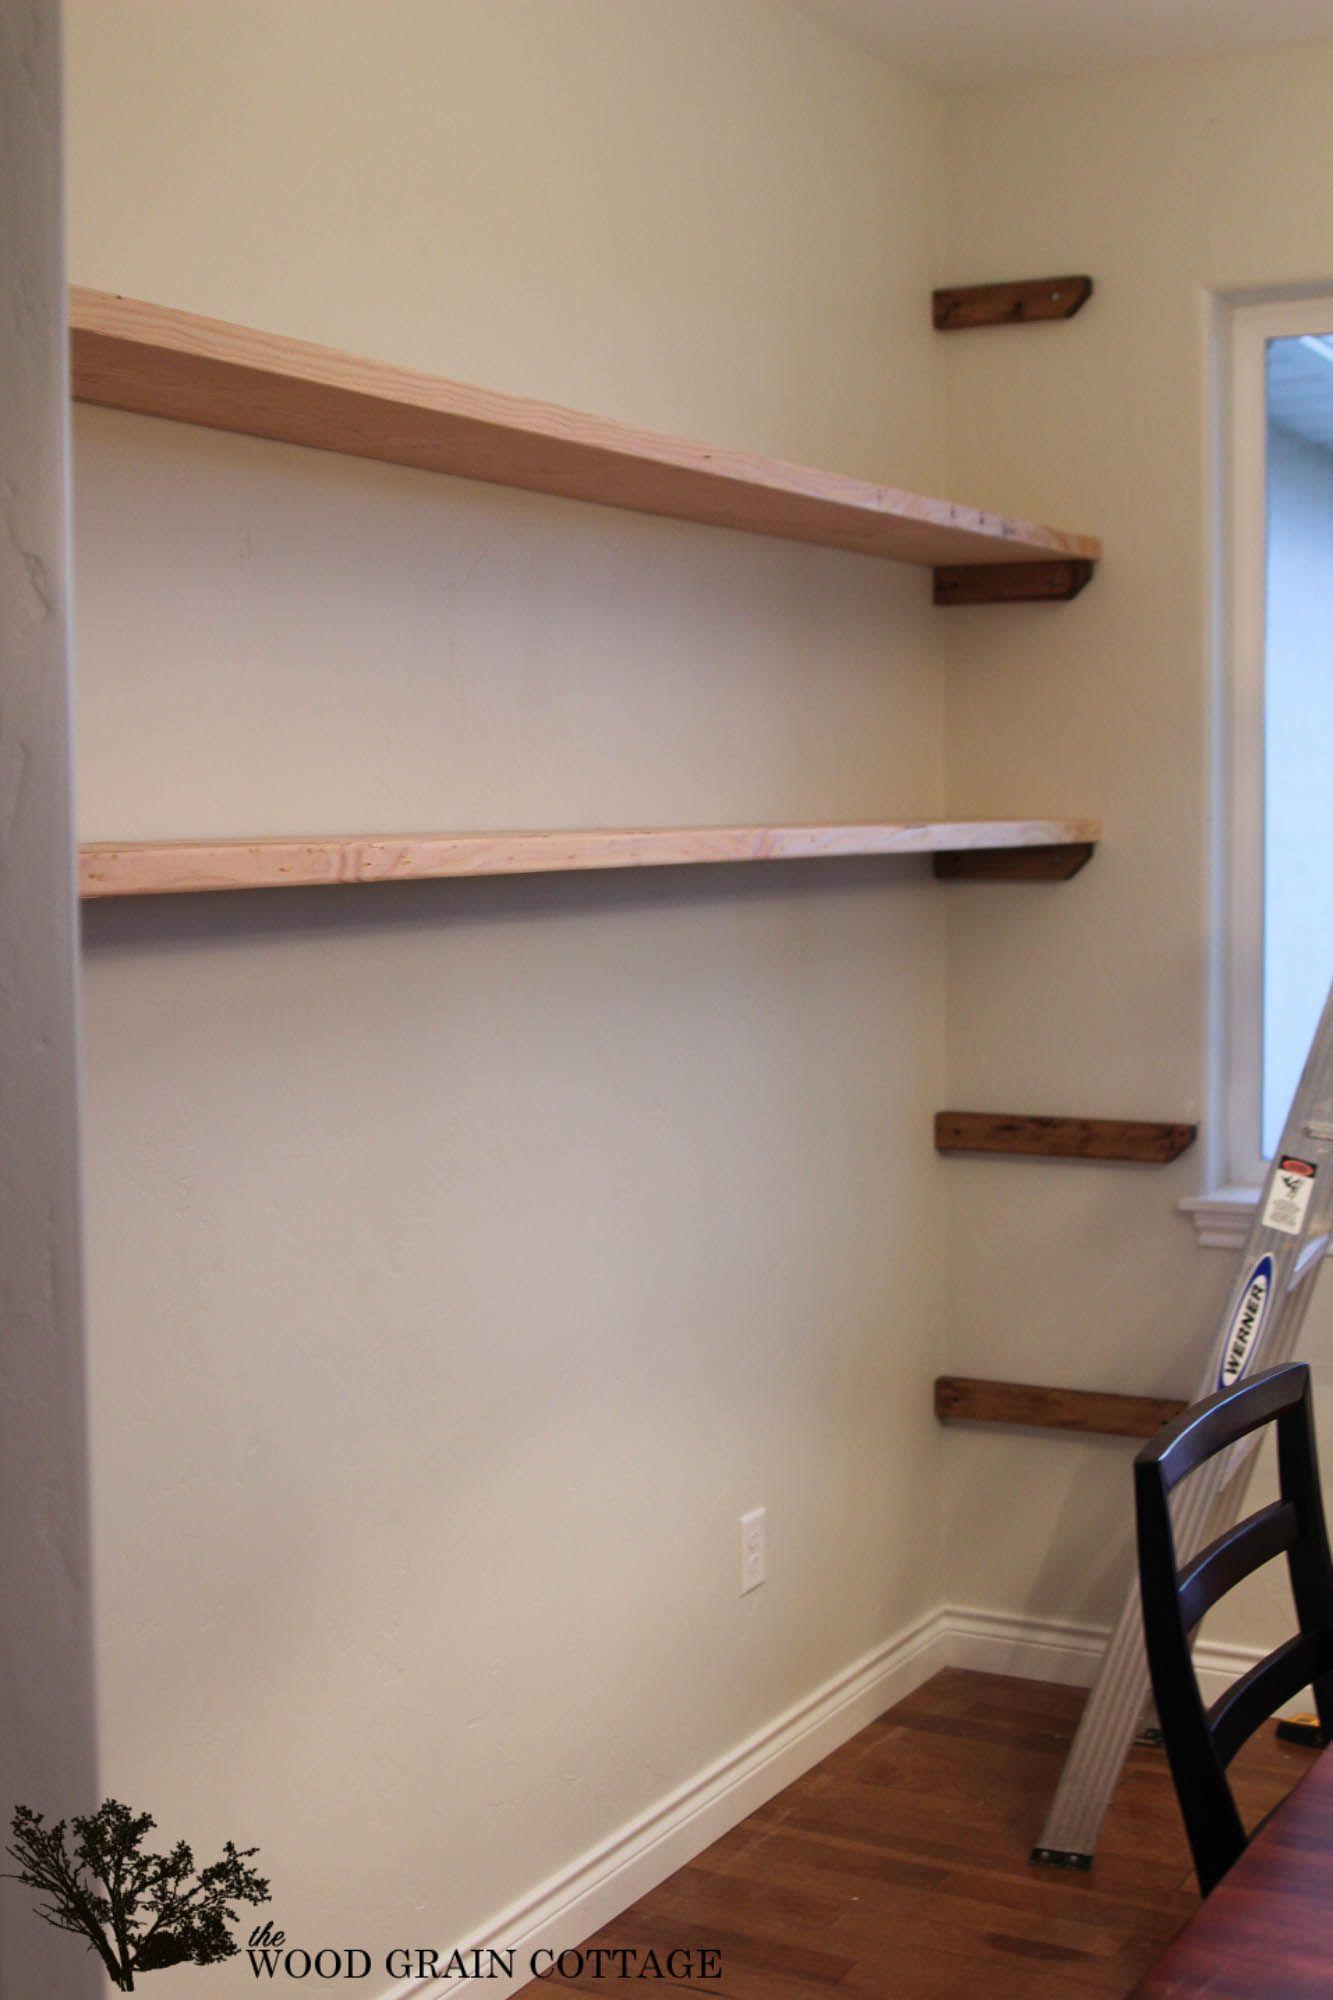 DIY Dining Room Open Shelving | Diy küche, Schlafzimmer ideen und Kammer